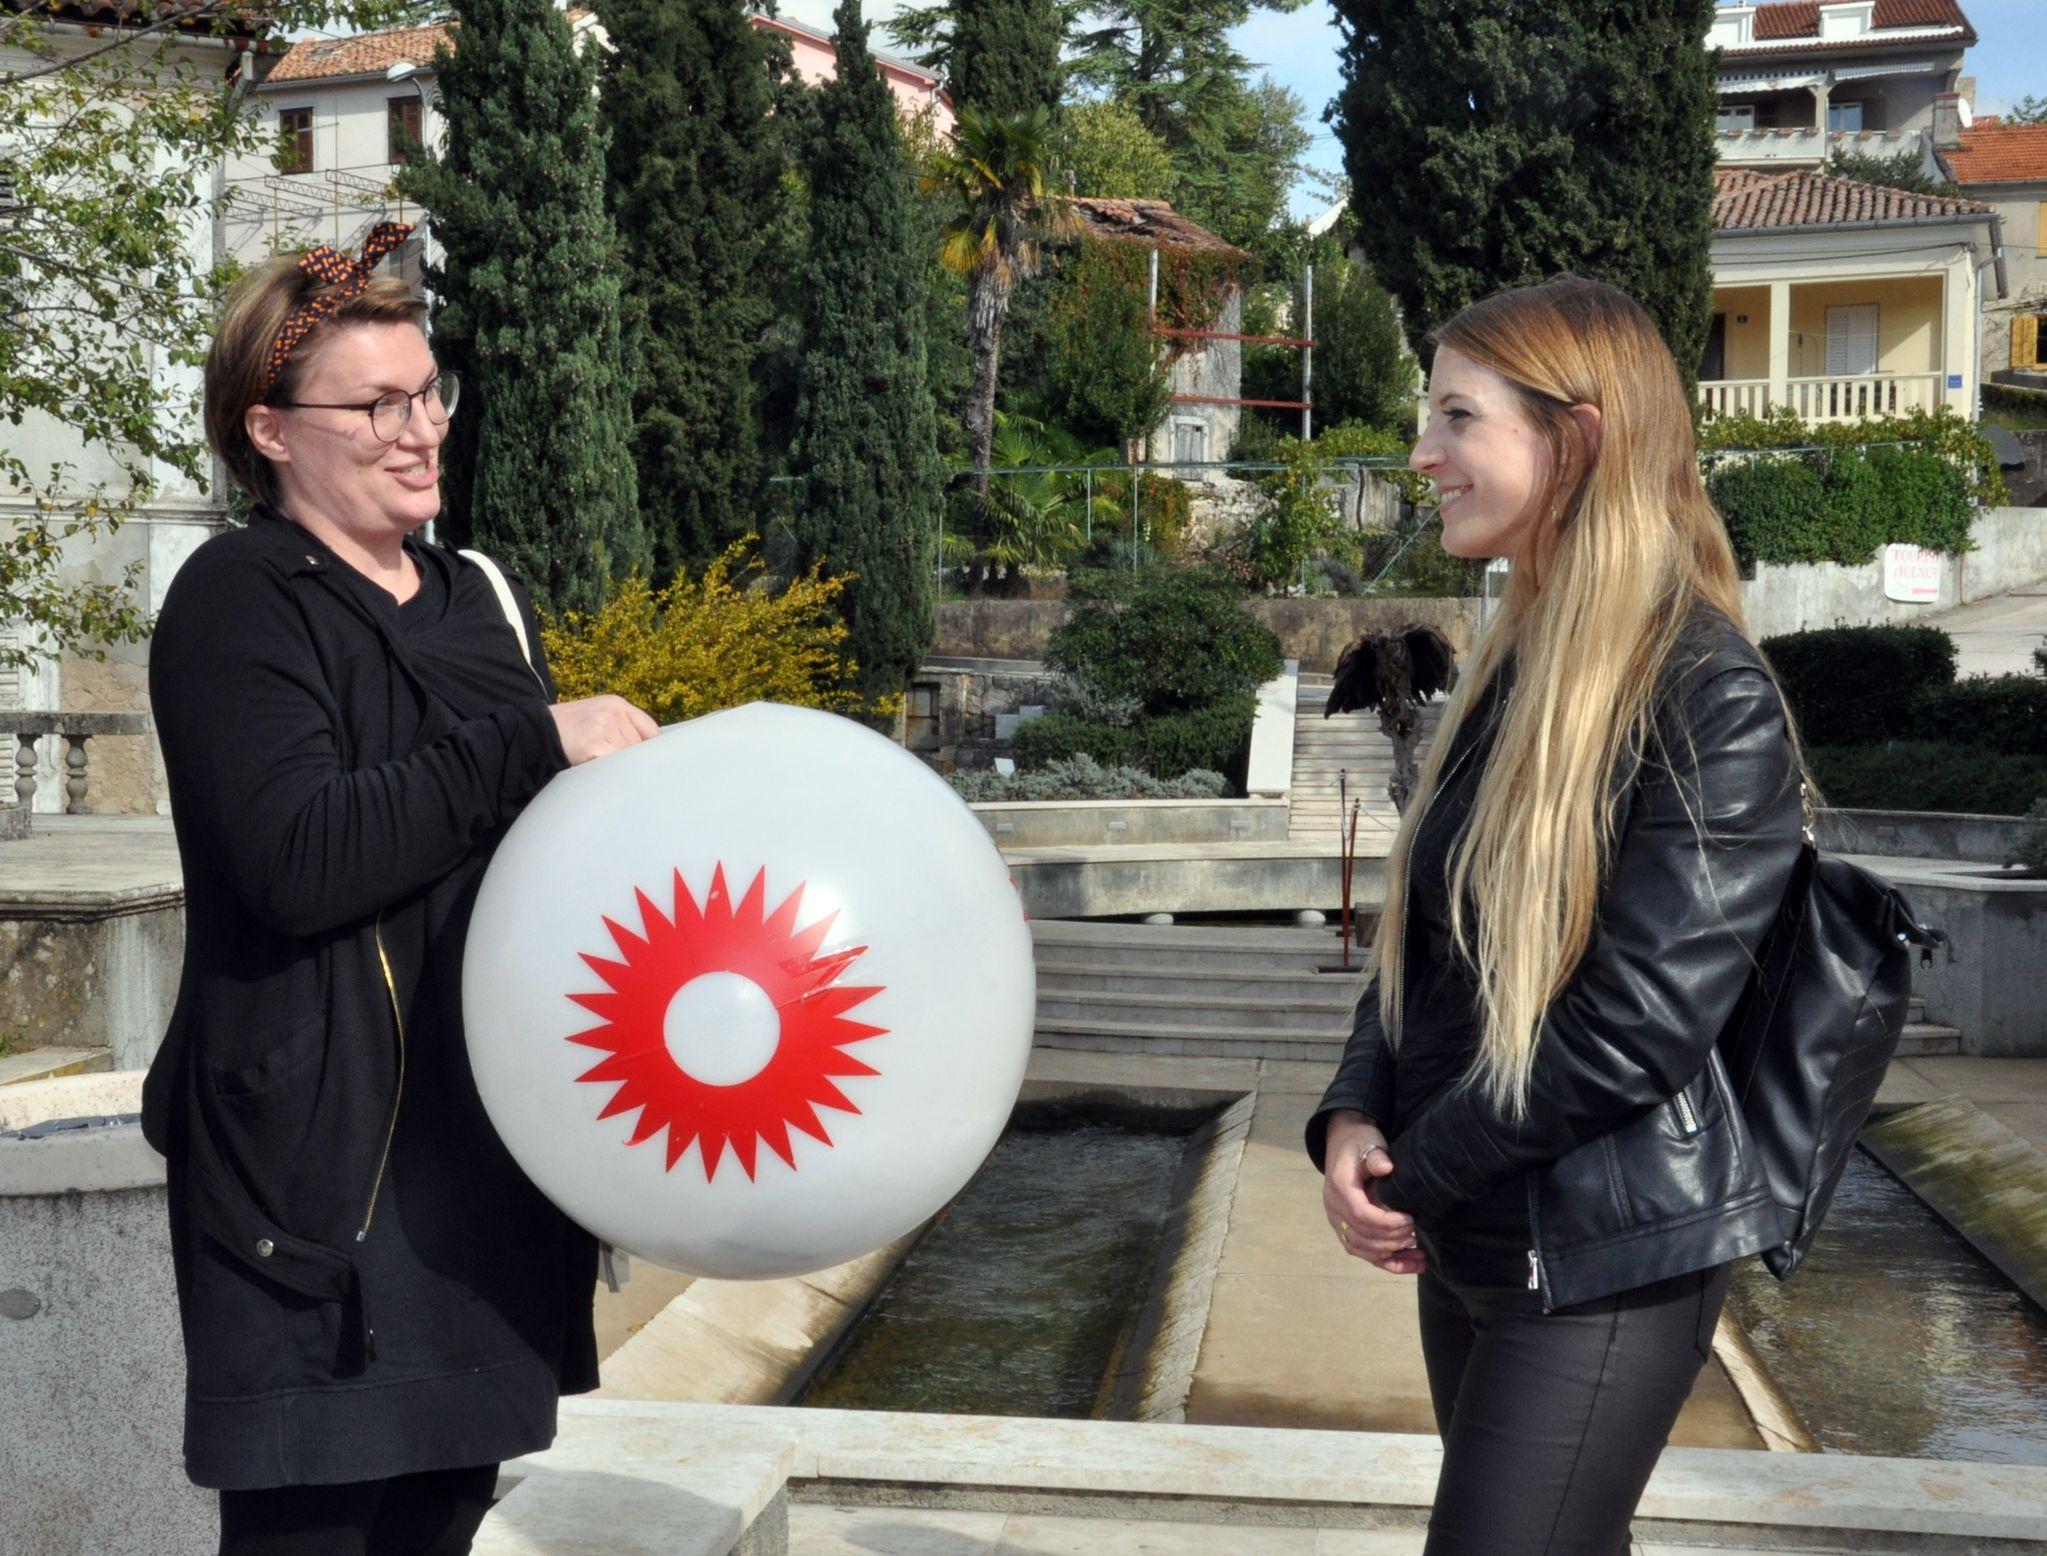 Predstavnica susjedstva Opatija uručila vremensku kapsulu članici udruge Termen Sabini Barbiš (desno) / Snimio M. TRINAJSTIĆ